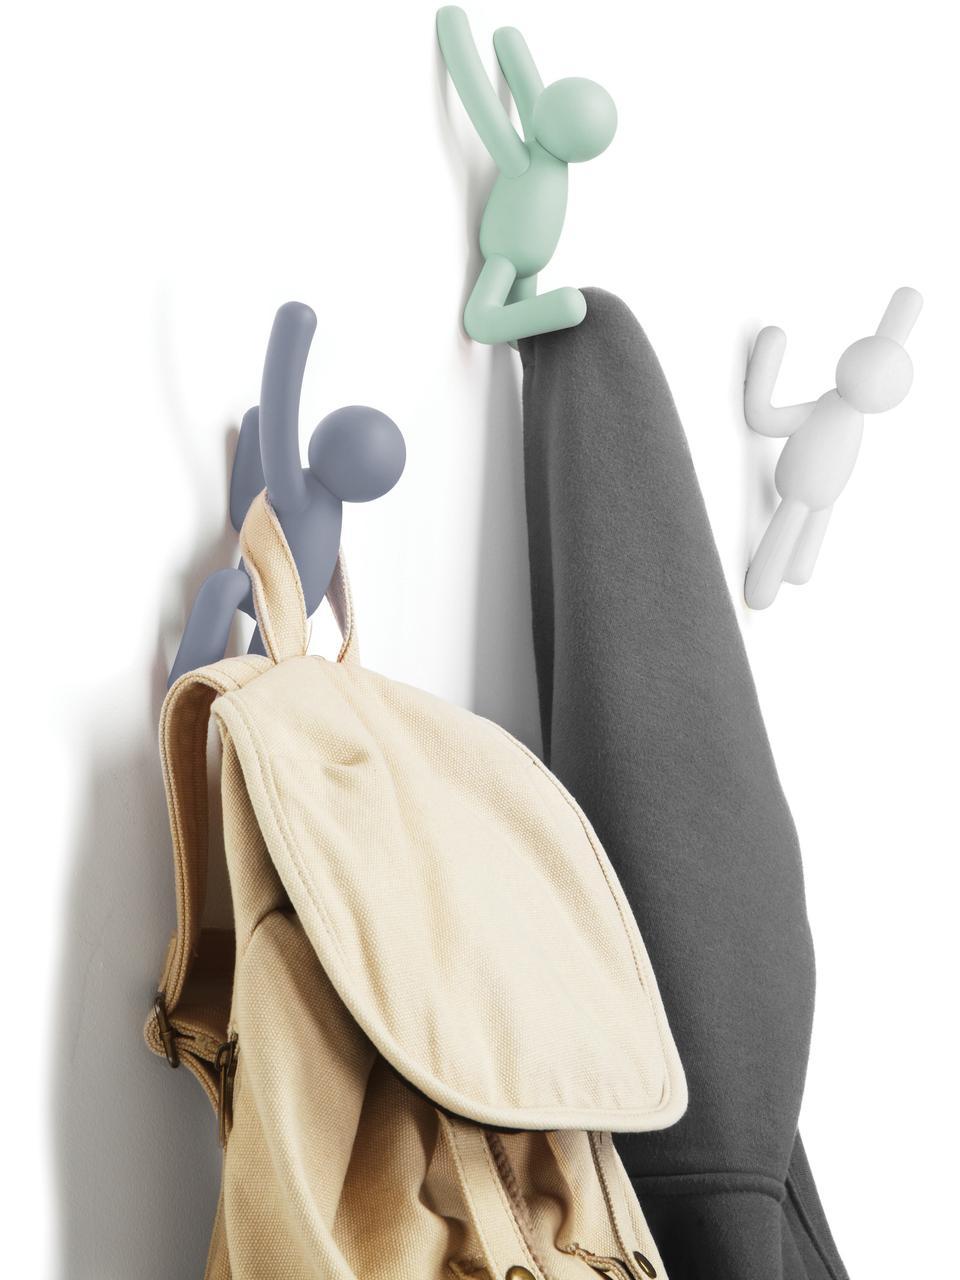 Design Wandhaken-Set Buddy, 3-tlg., ABS-Kunststoff, Blau, Mint, Weiß, Sondergrößen